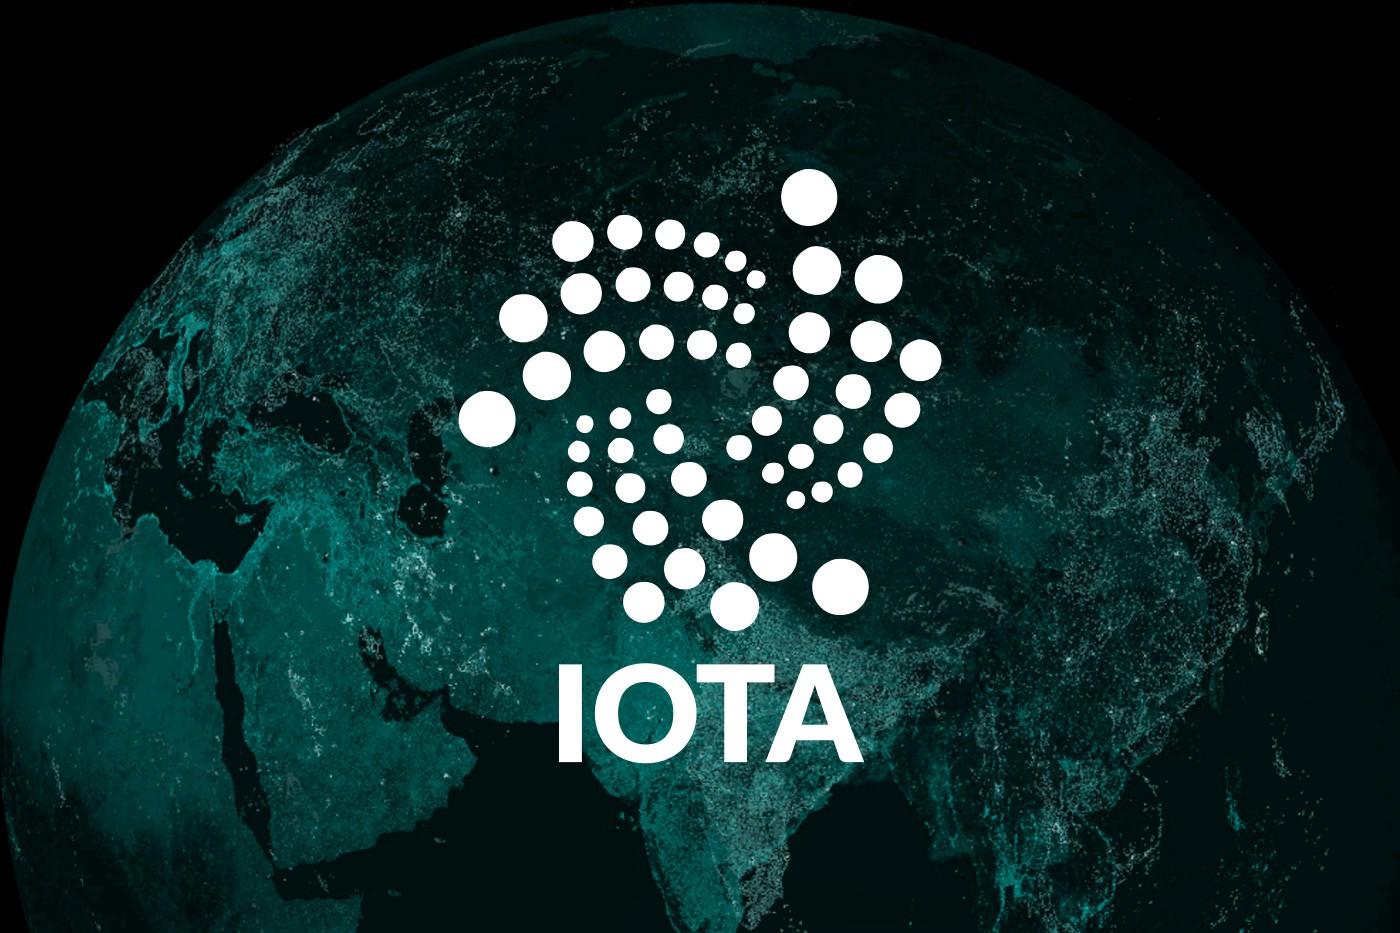 IOTA 2 0